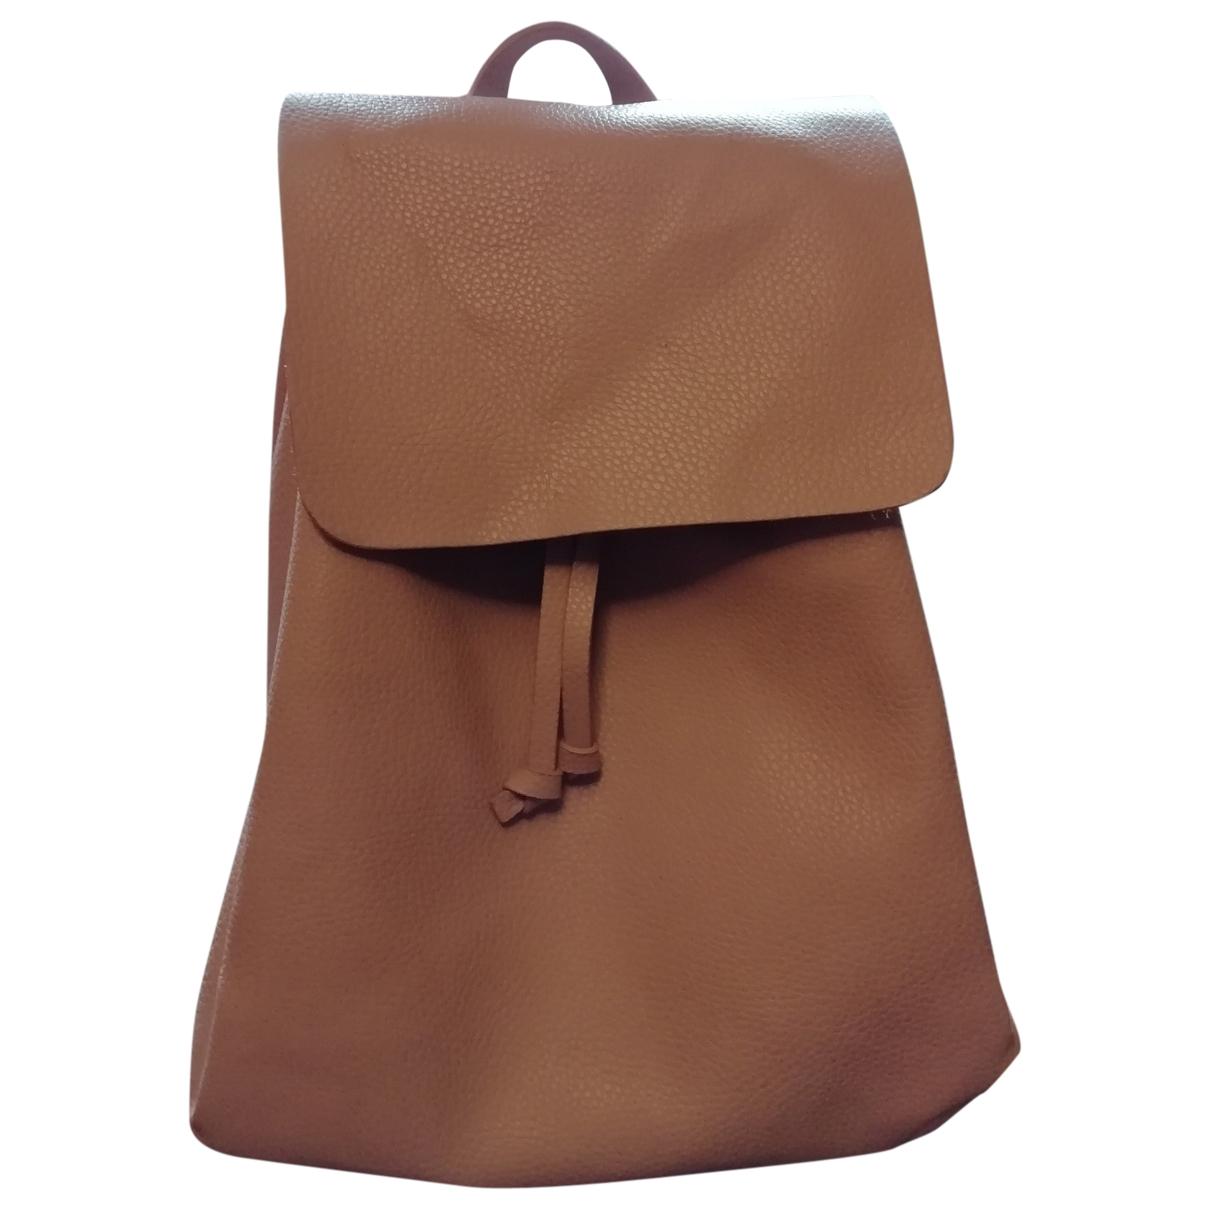 Zara \N Pink backpack for Women \N